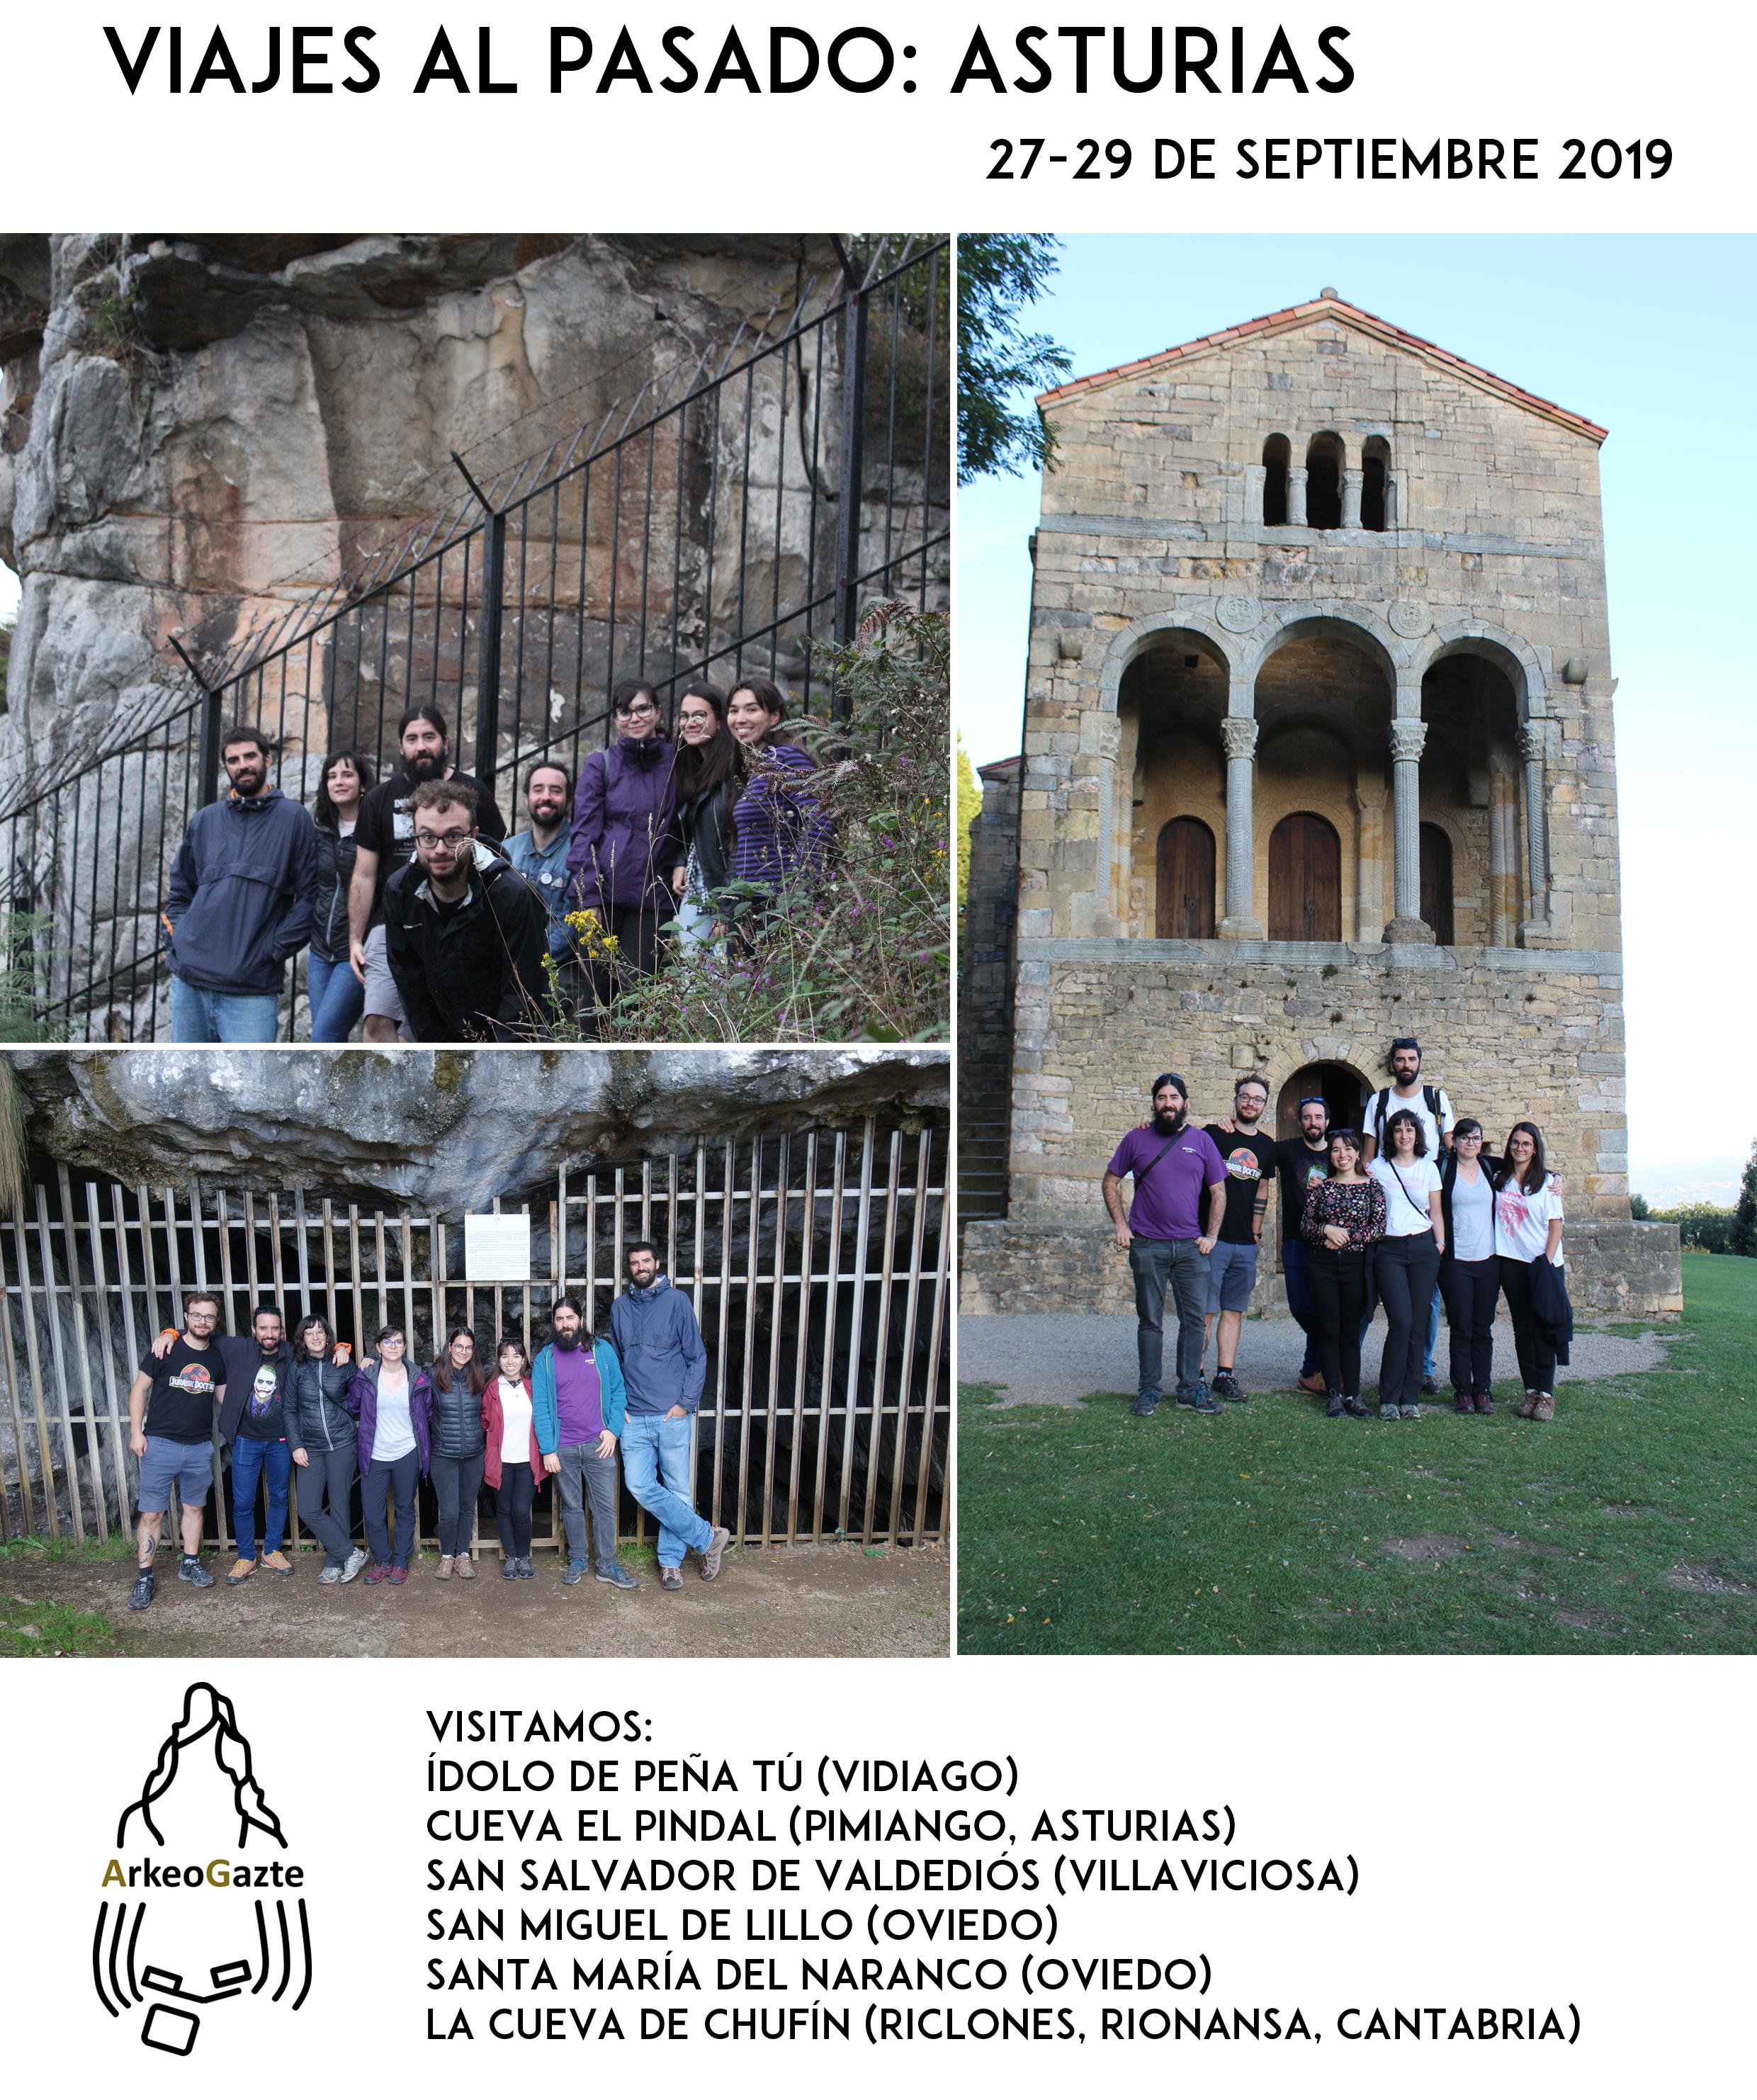 Viajes al Pasado Asturias 2019